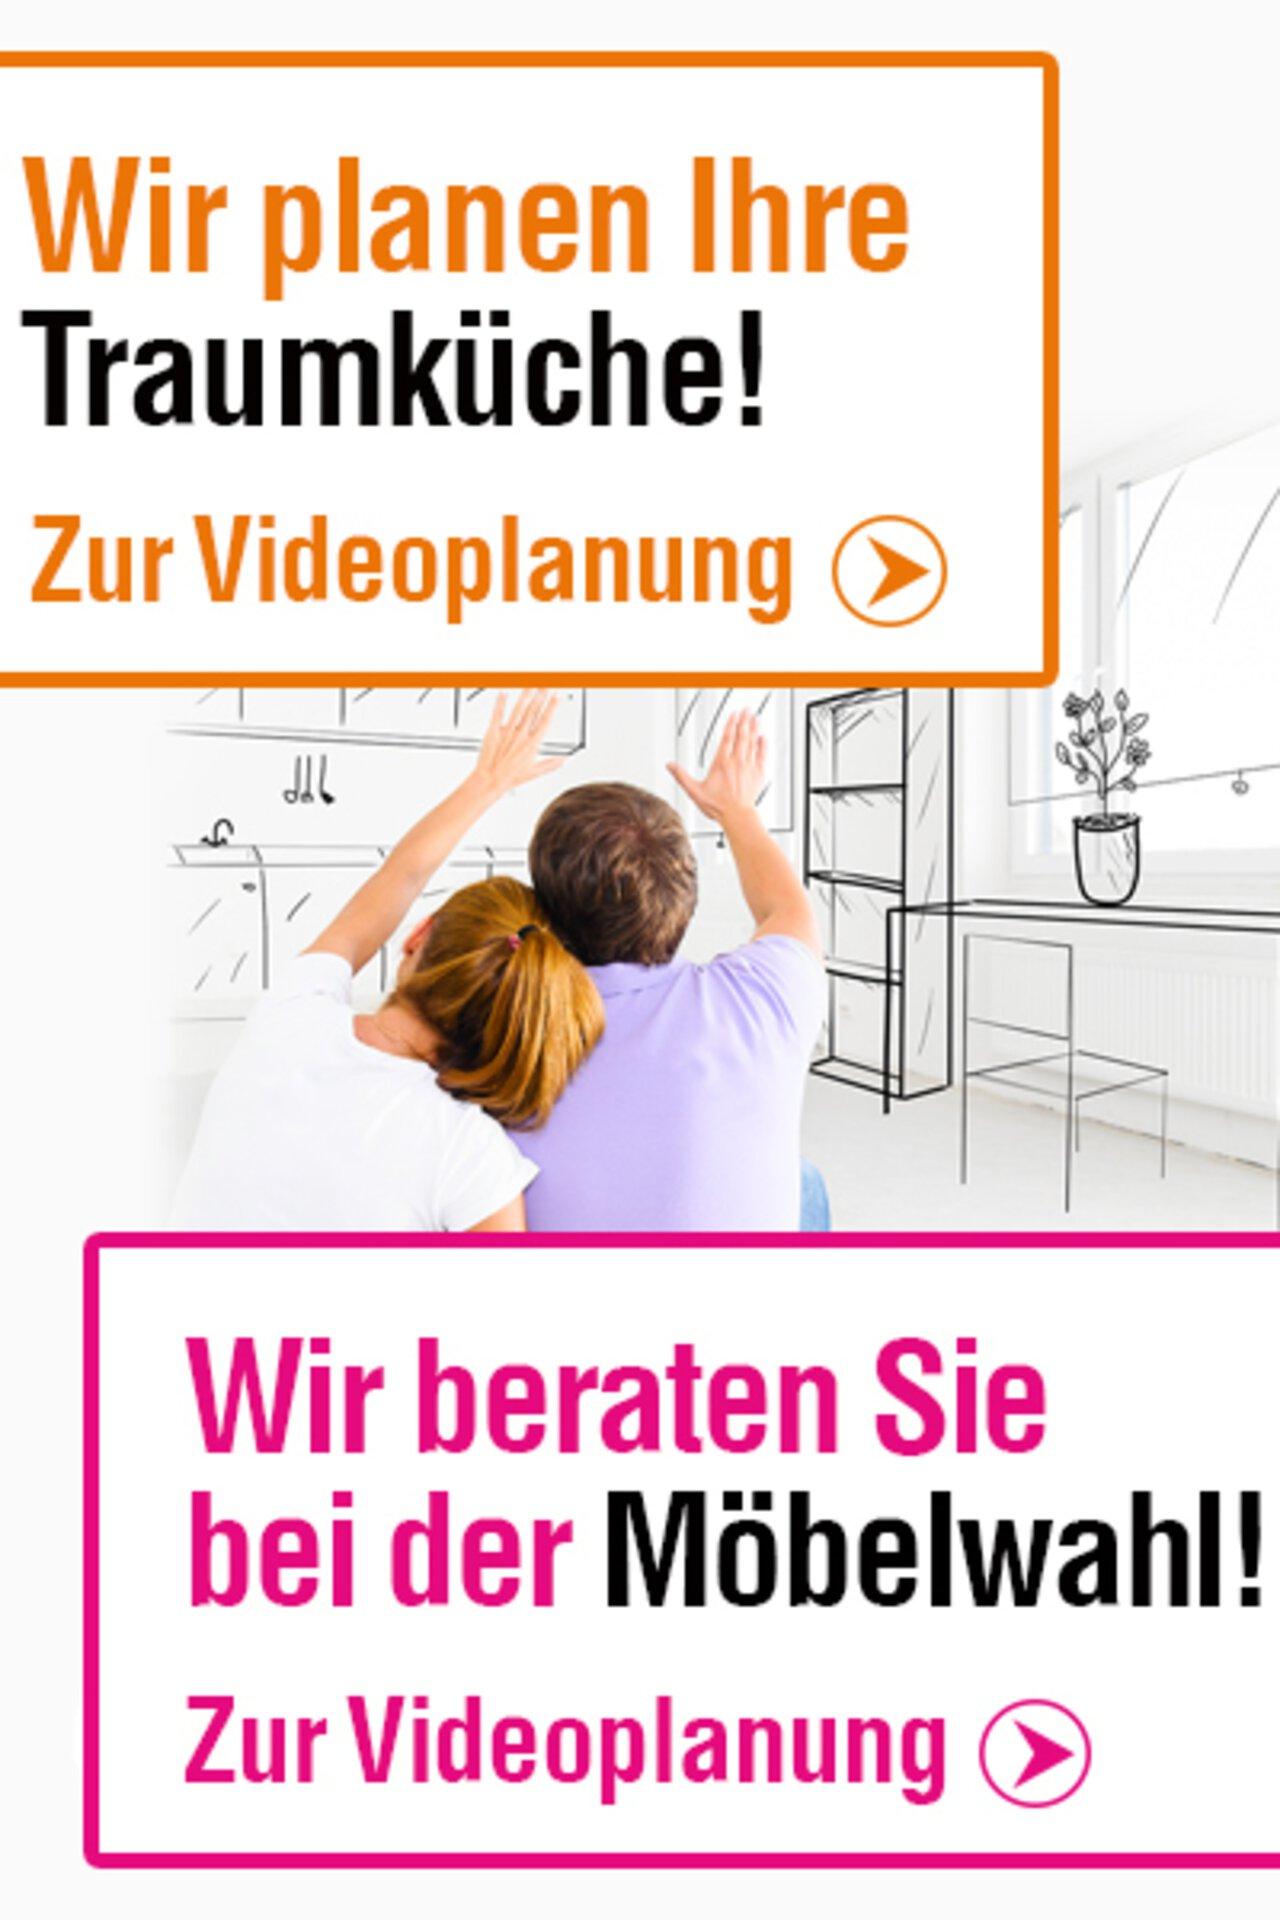 Link-Bild zur Videoplanung für Küchen und Möbel.